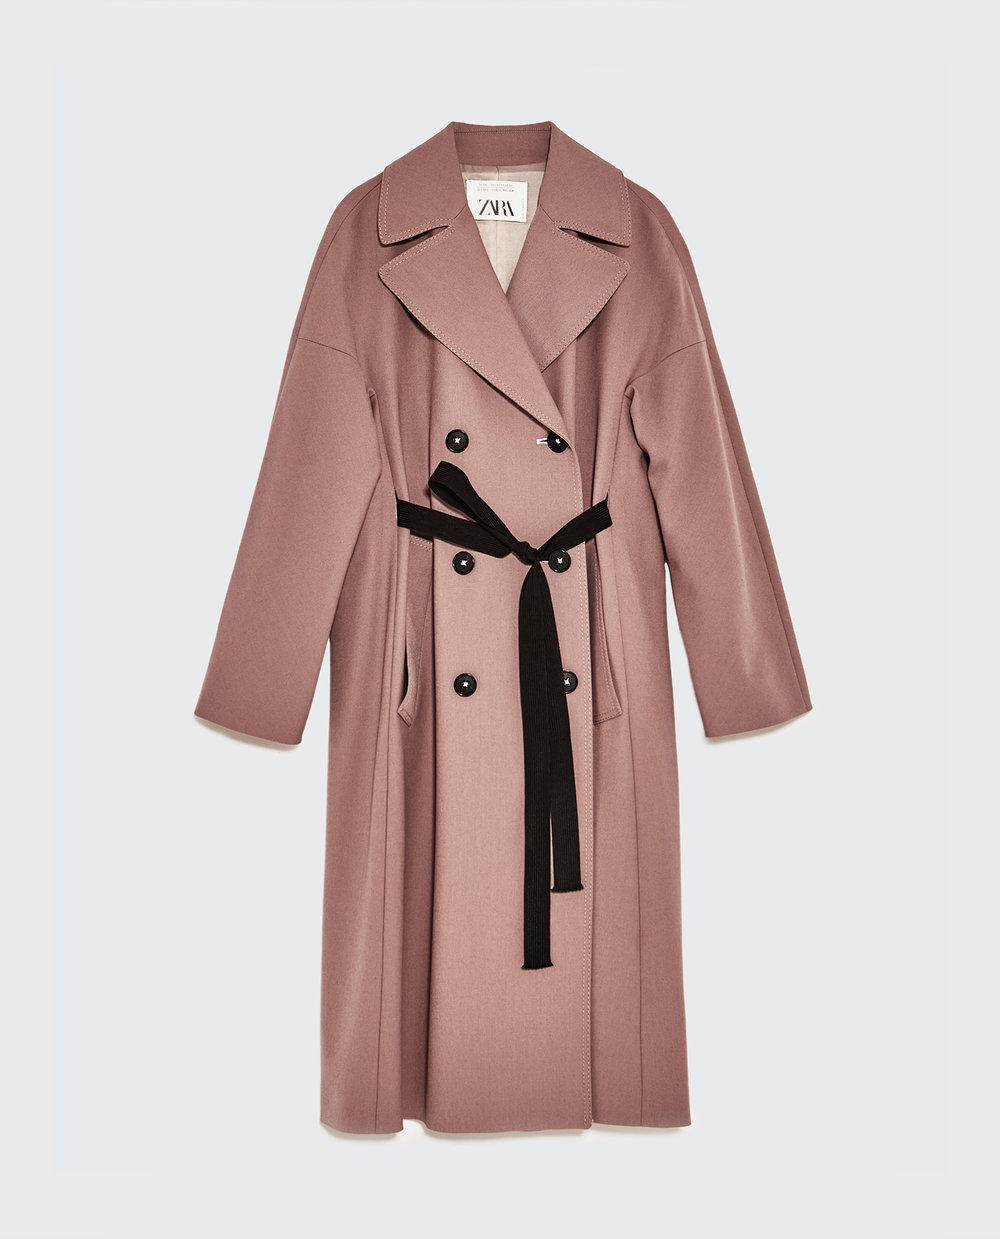 Sobretudo rosa com abotoadura dupla, 129€